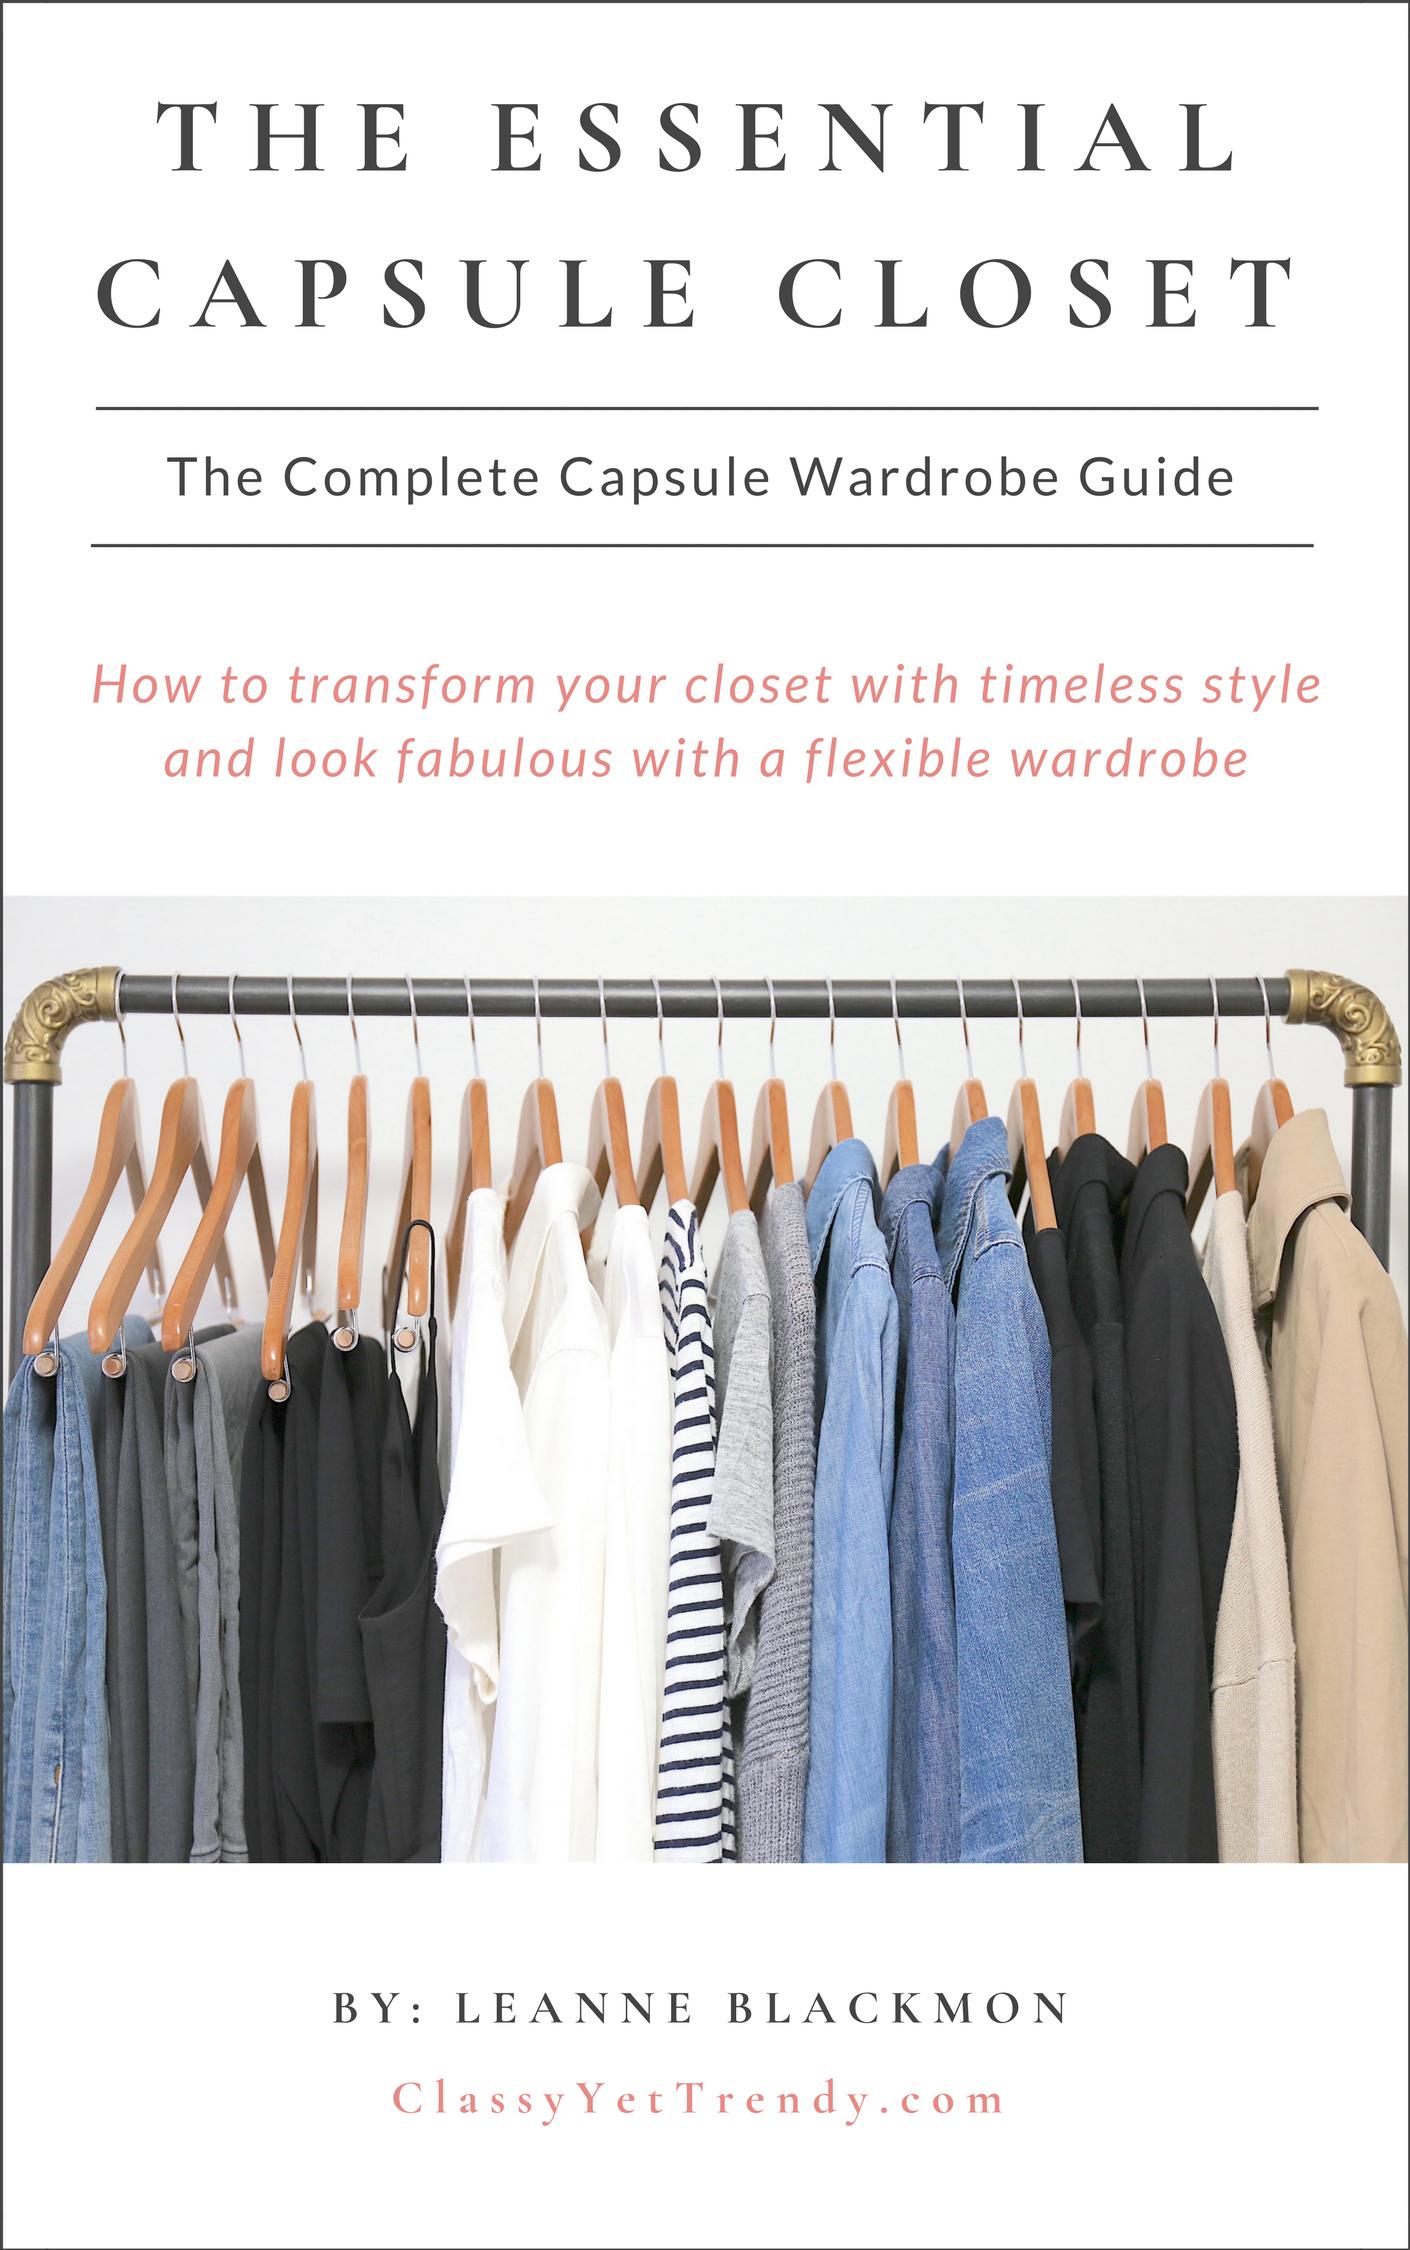 The Essential Capsule Closet The Complete Capsule